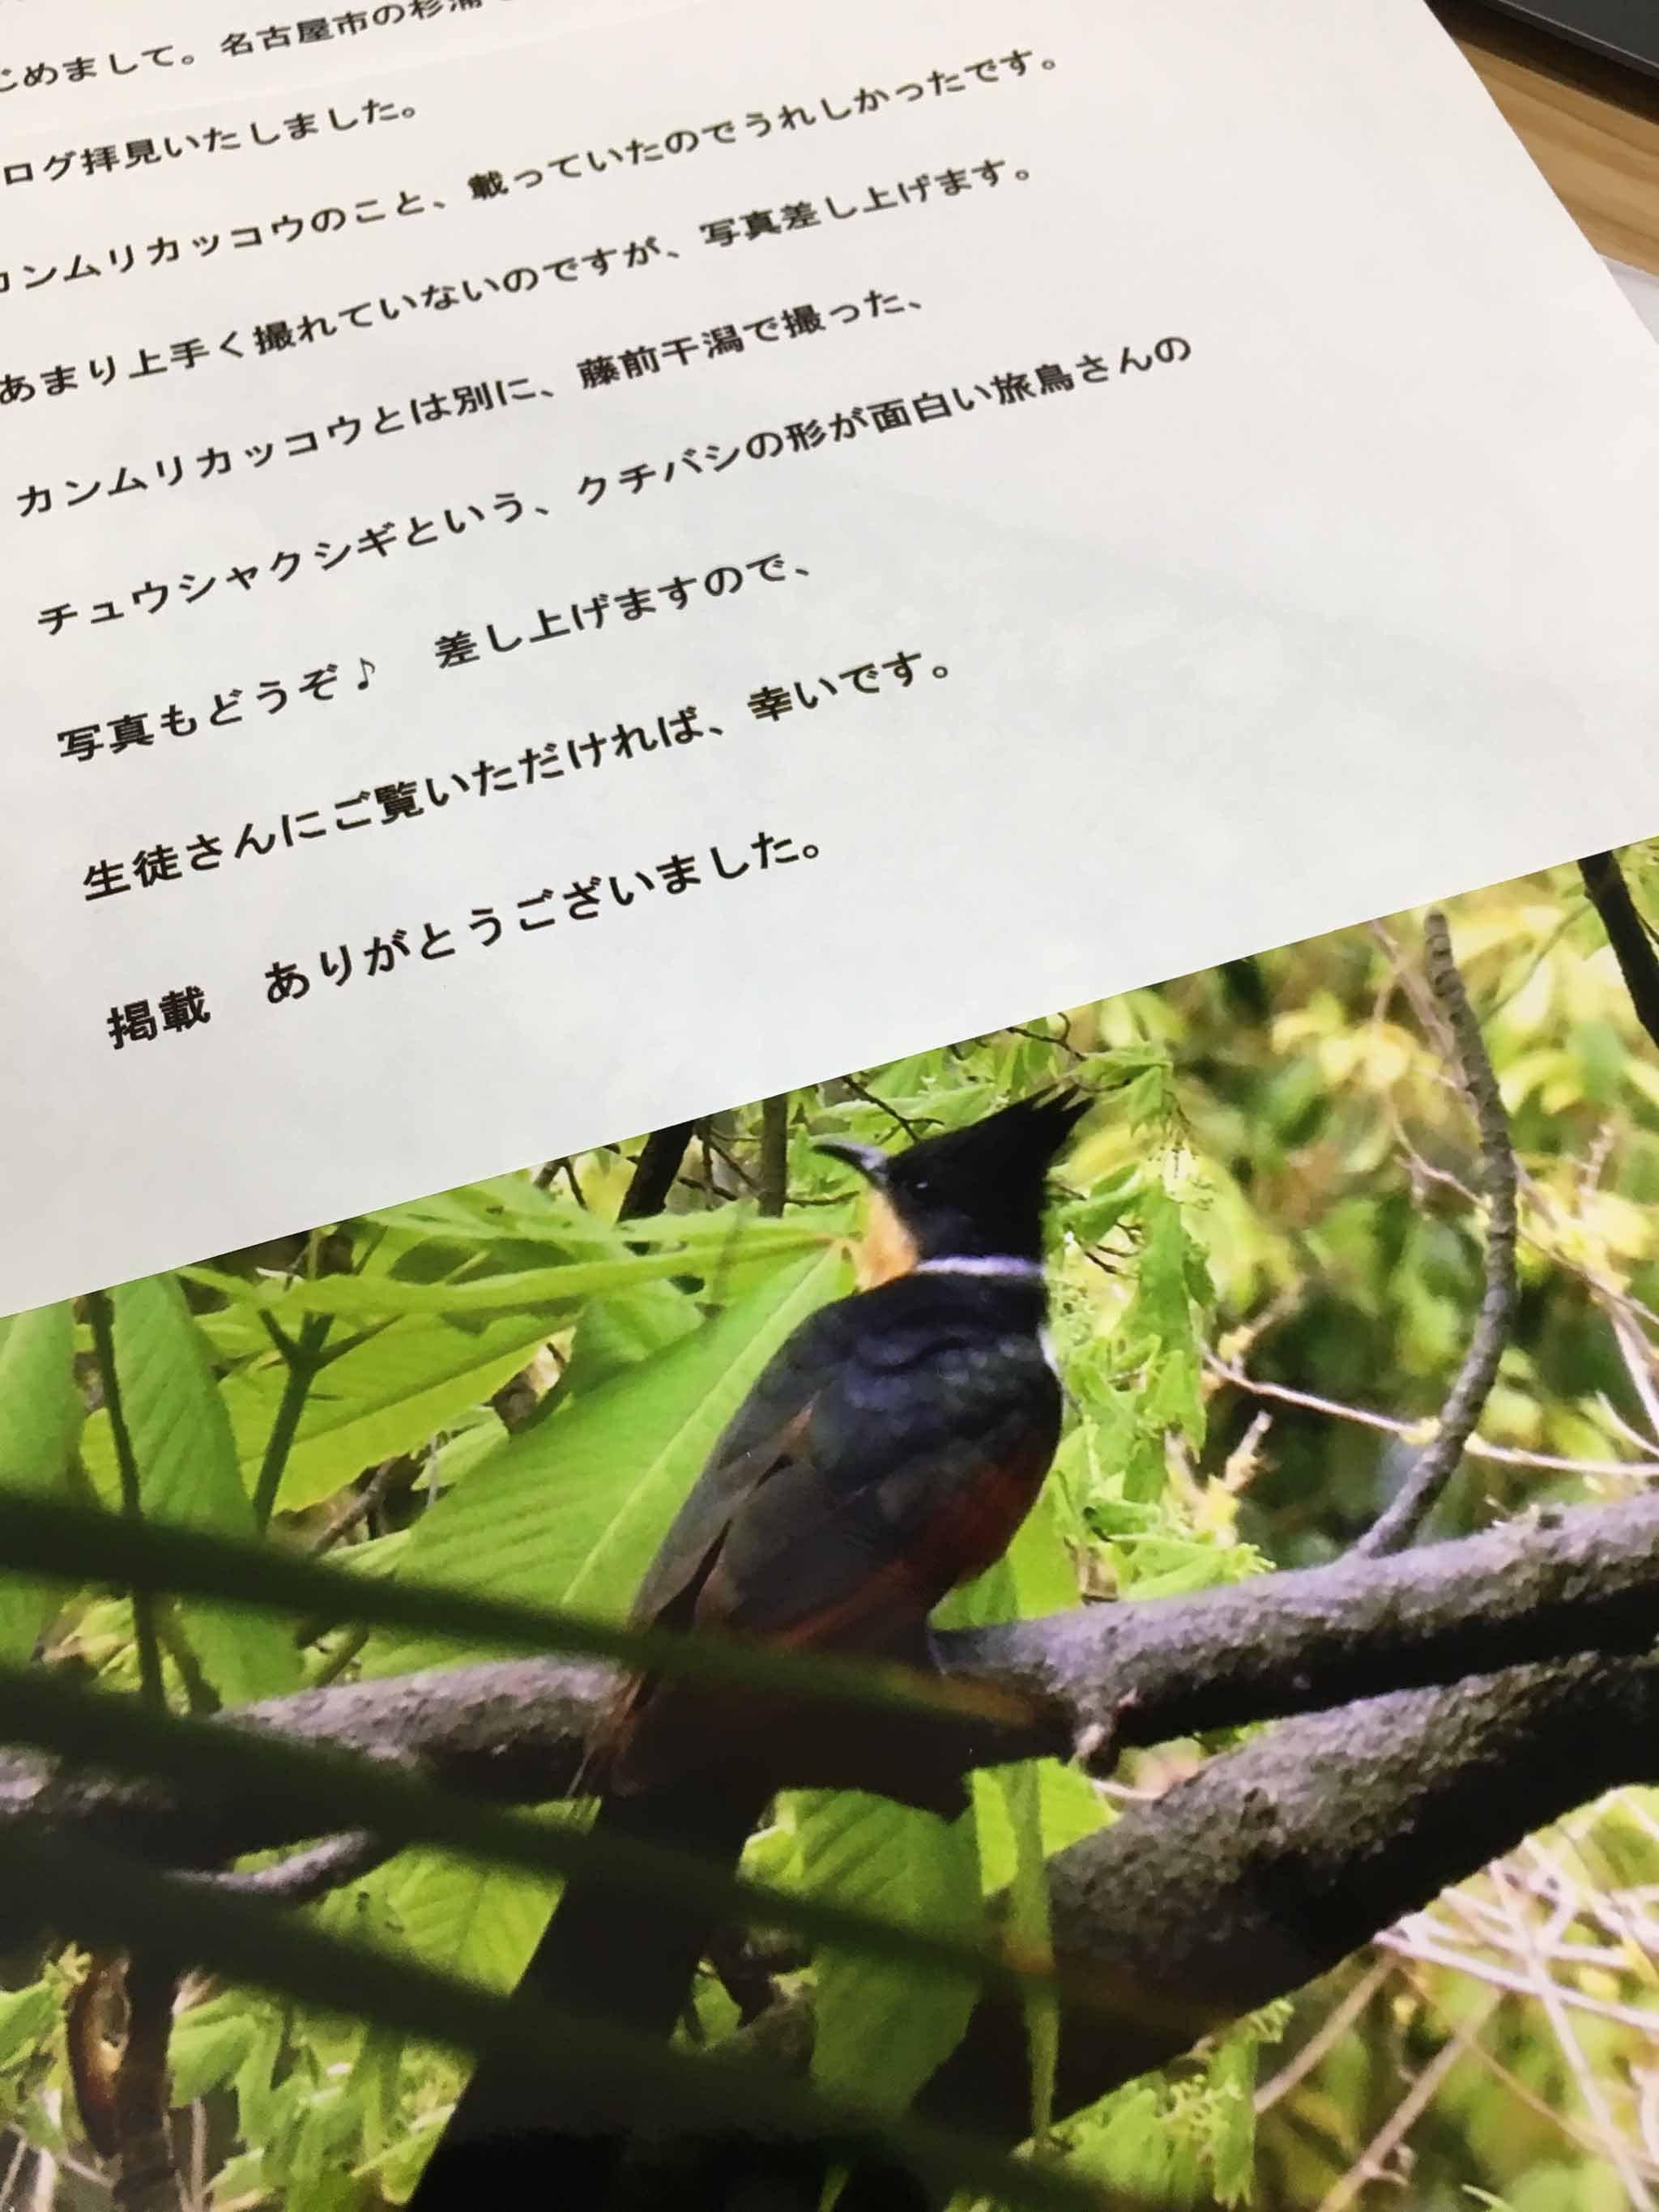 先週の教室より~カンムリカッコウの写真を頂戴しました(^^)/